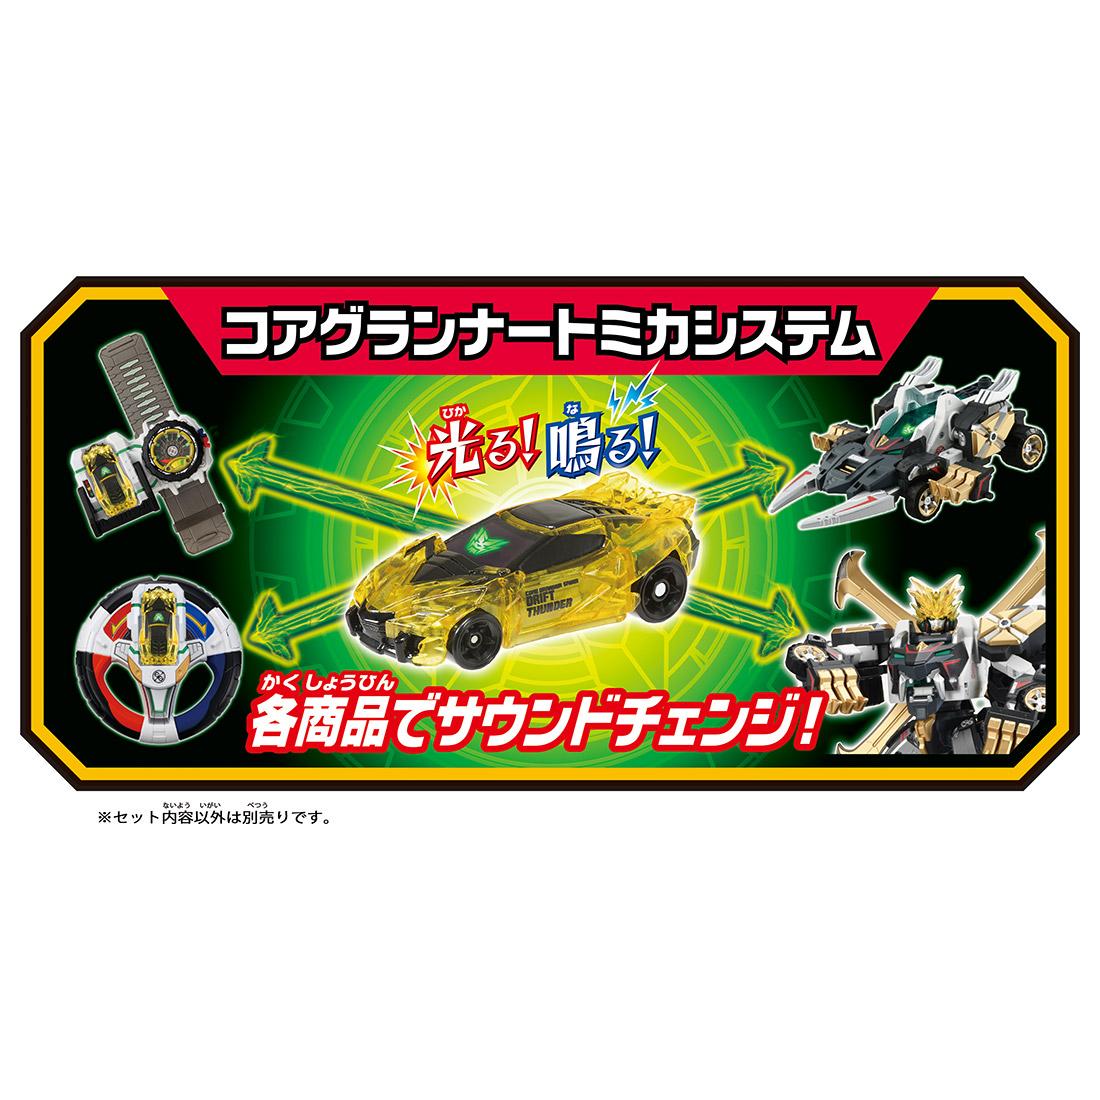 トミカ絆合体 アースグランナー『EG03 アースグランナーサーベルパンサー』可変合体フィギュア-015